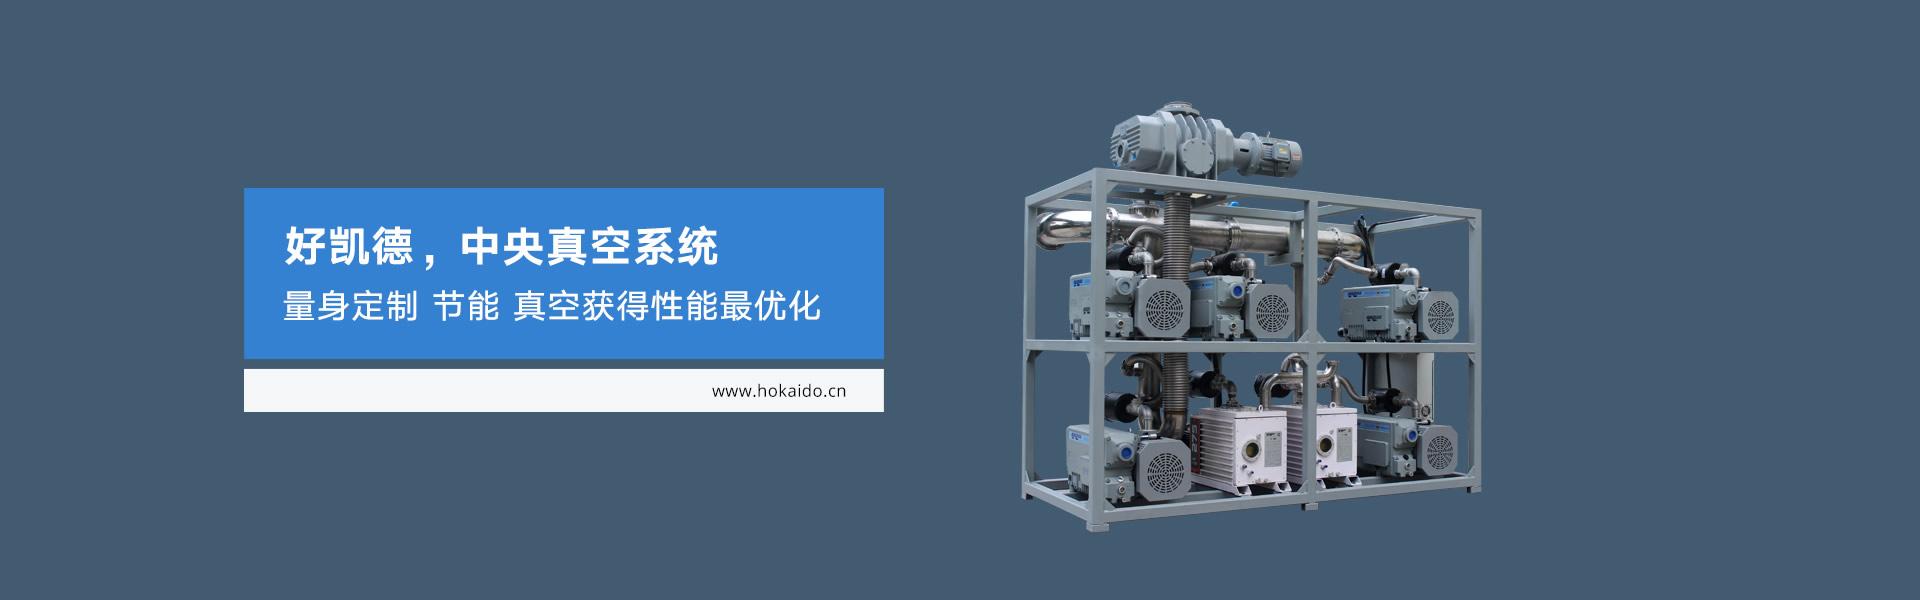 旋片式真空泵|进口真空泵|真空泵维修|螺杆真空泵